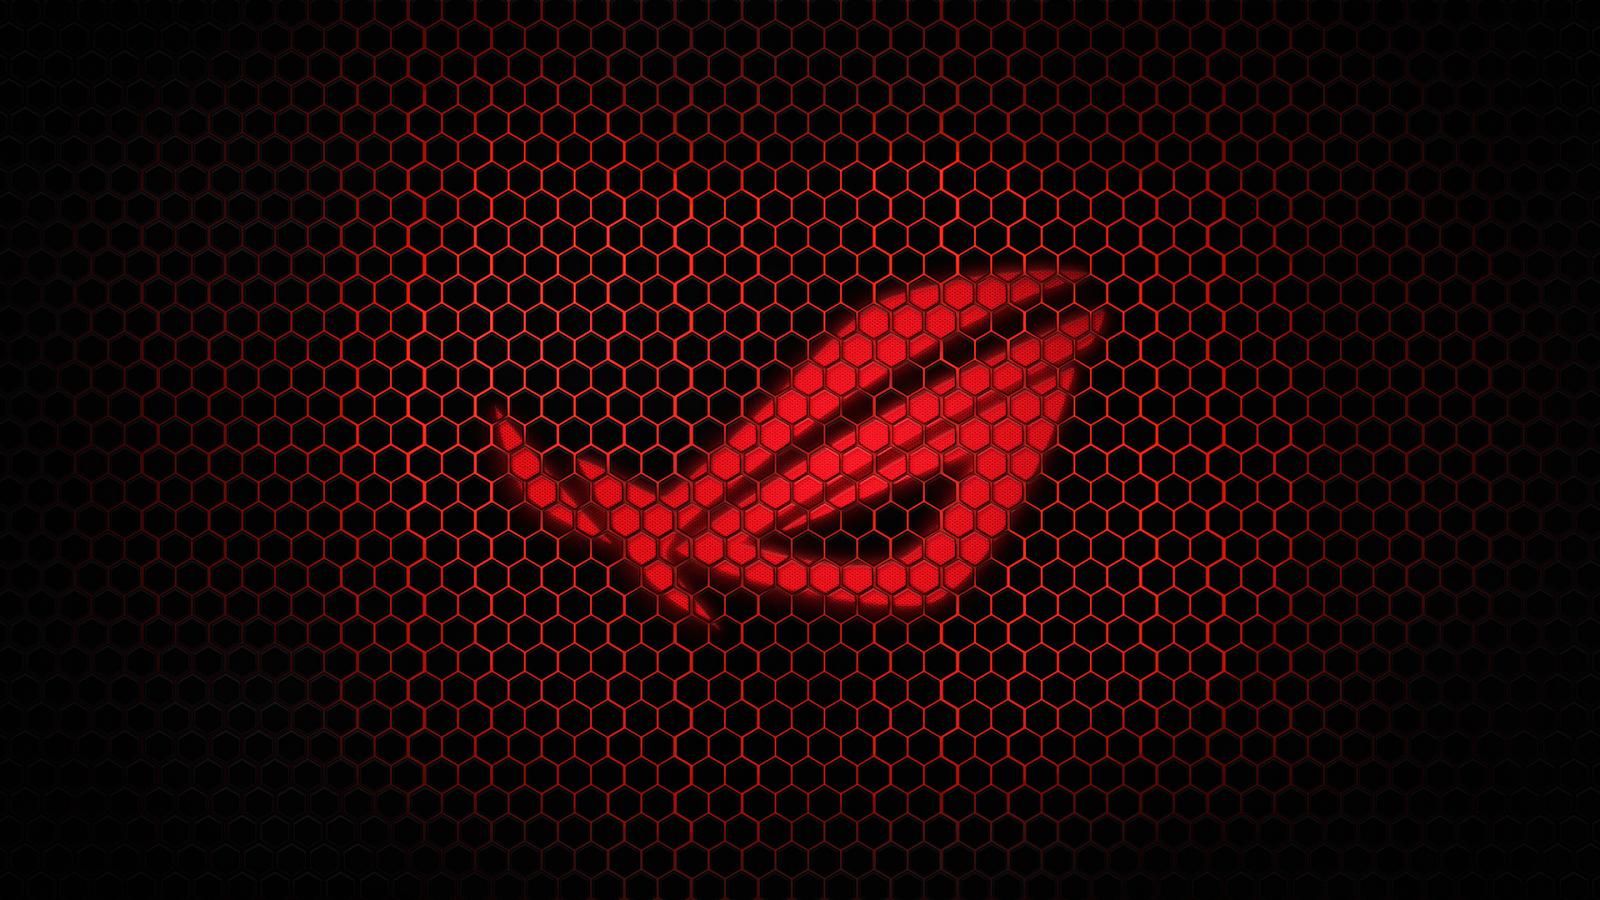 Asus Logo Republic of Gamers i06 HD Wallpaper 1600x900